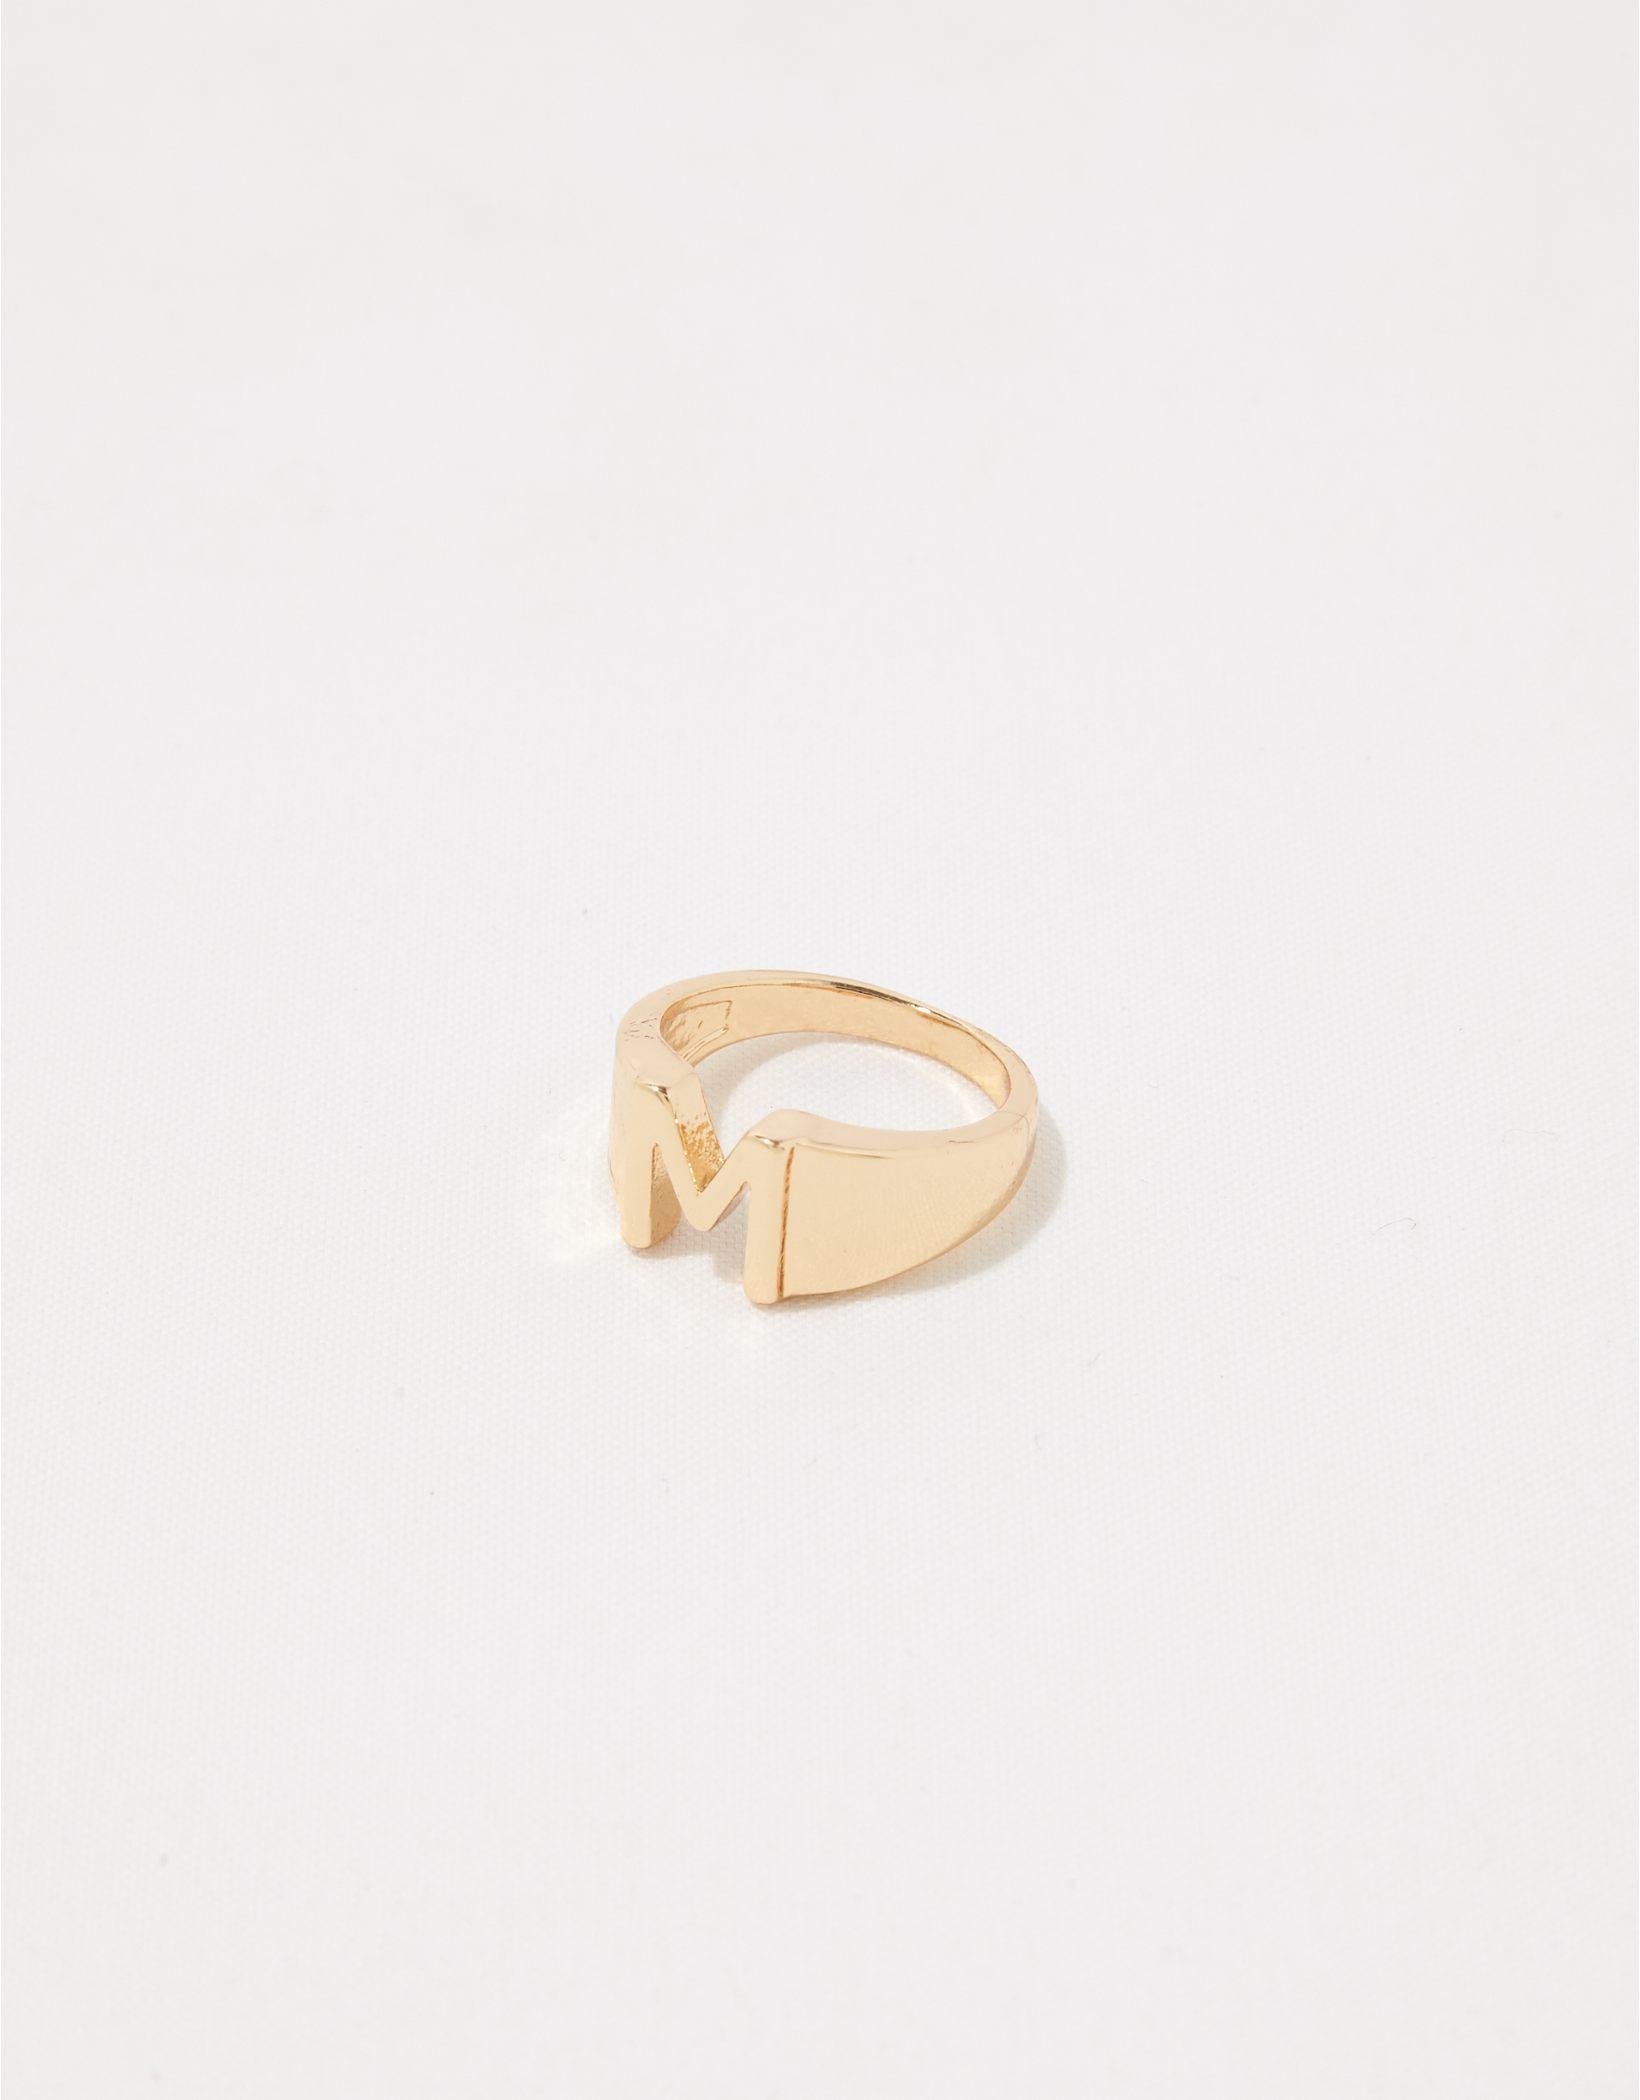 Aerie Monogram Ring - M